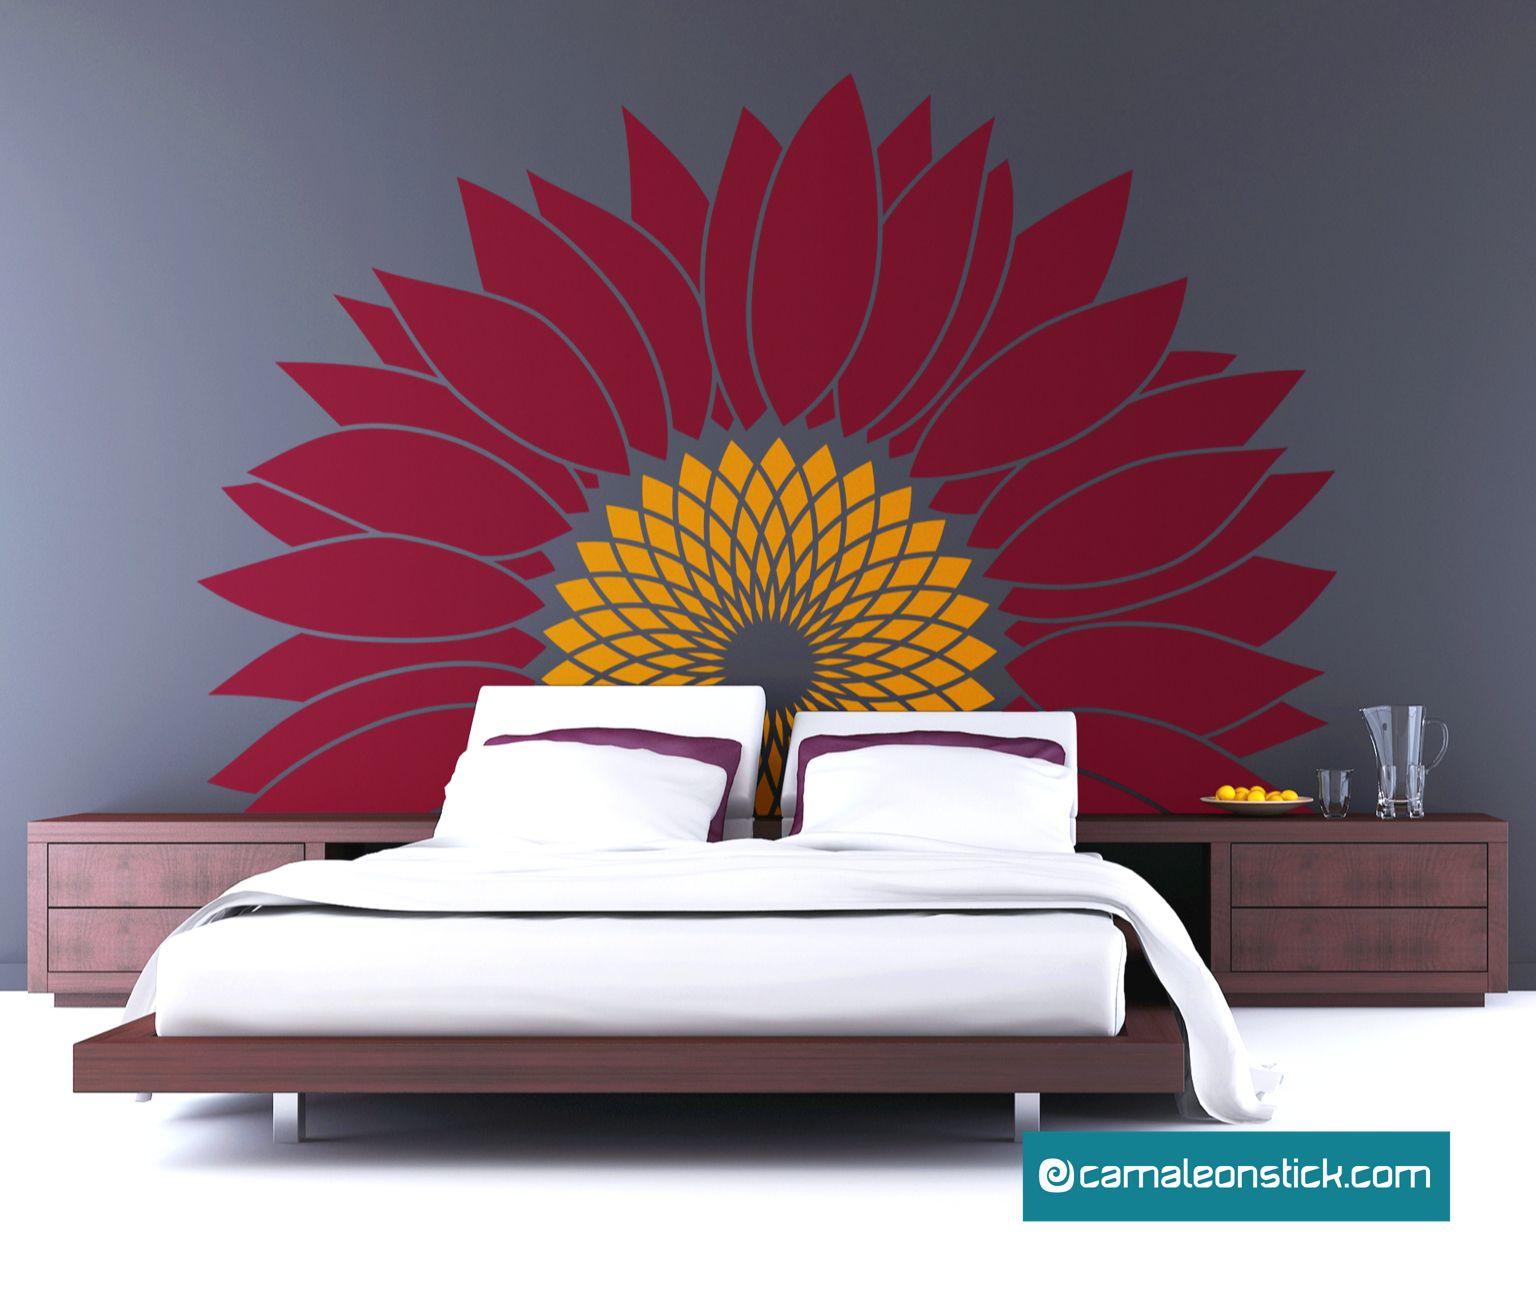 Ricevilo entro giovedì 12 agosto. Adesivo Murale Girasole Perfetto Per La Testata Del Letto Adesivi Murali Testata Del Letto Adesivi